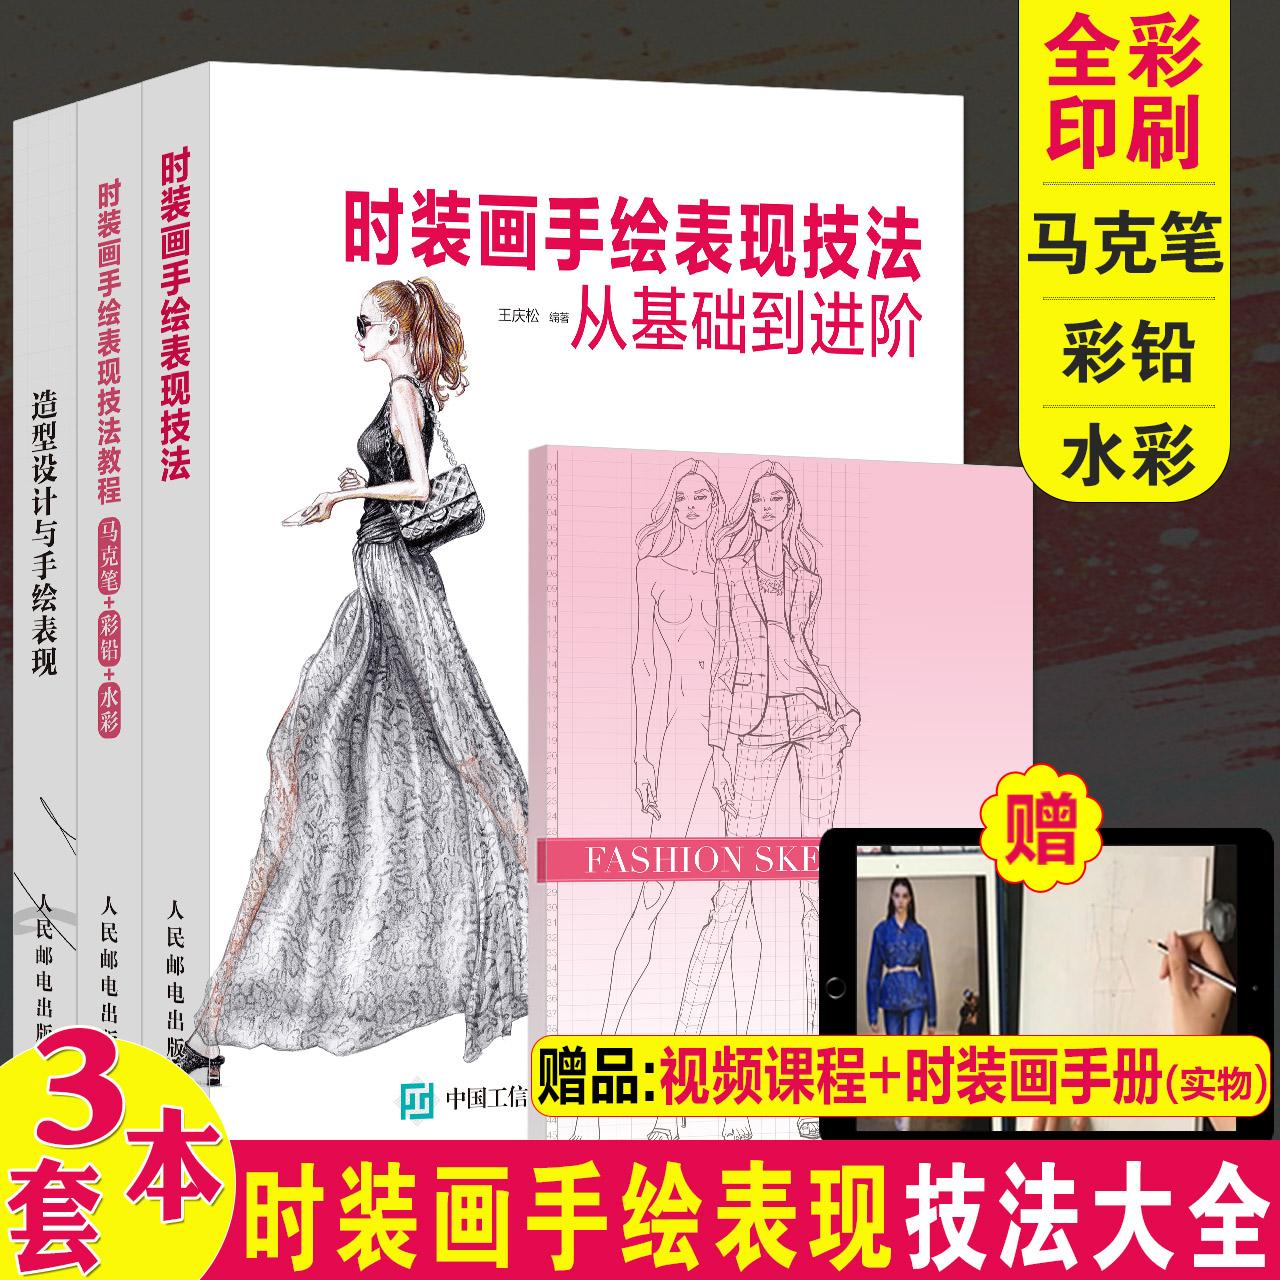 时装画手绘表现技法从基础到进阶 服装设计书籍 零基础自学款式造型设计手绘入门书 平面设计色彩搭配构成创意效果图教程 环球